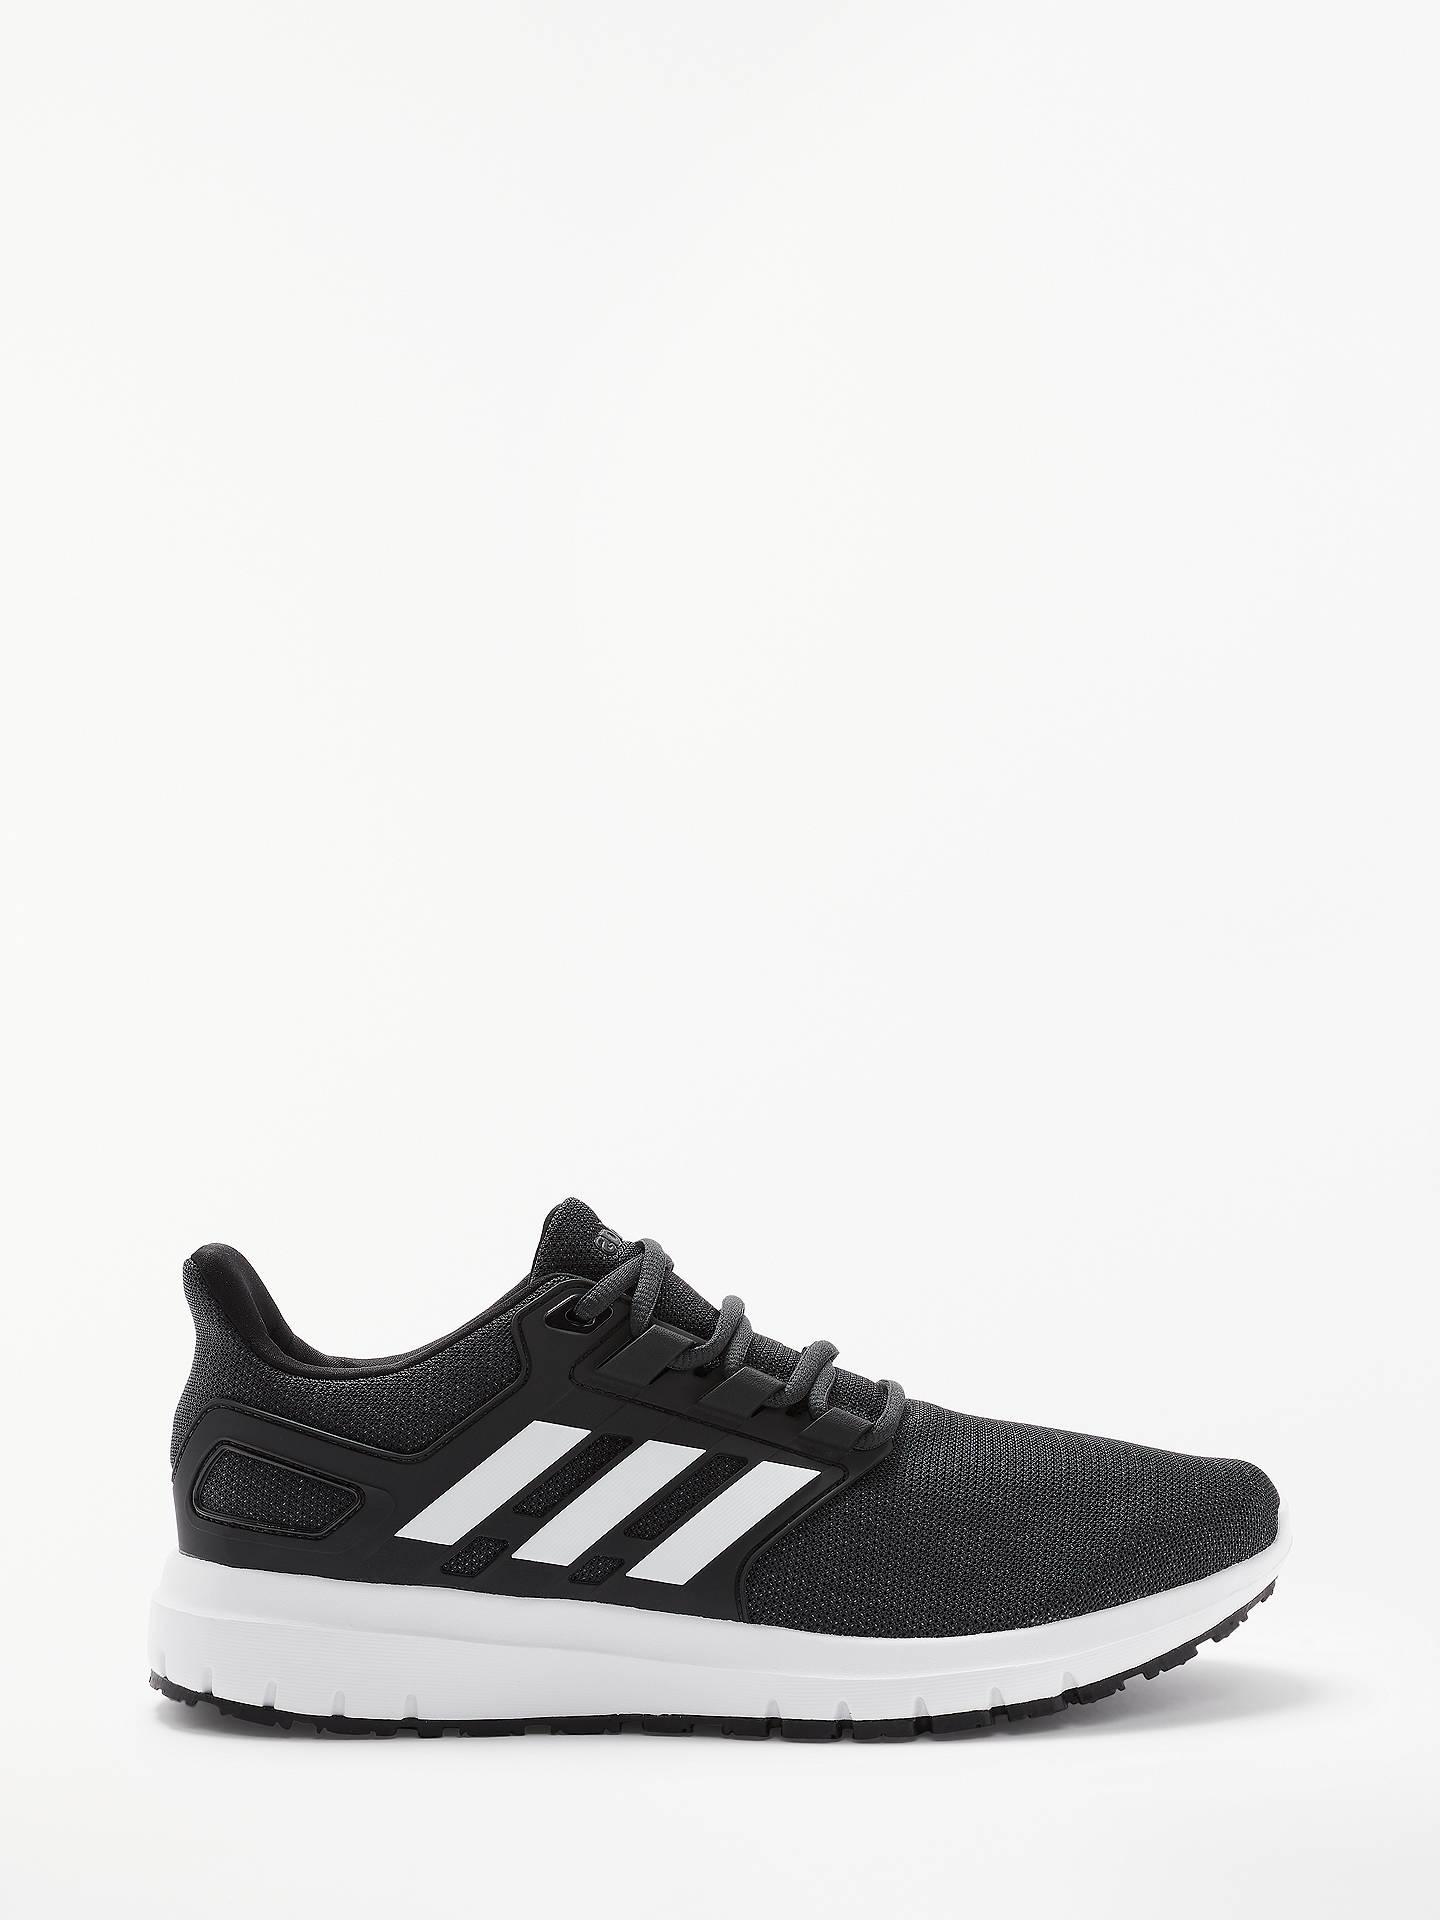 2669e6b2 Buy adidas Energy Cloud 2 Men's Running Shoes, Core Black/Carbon, 7 Online  ...